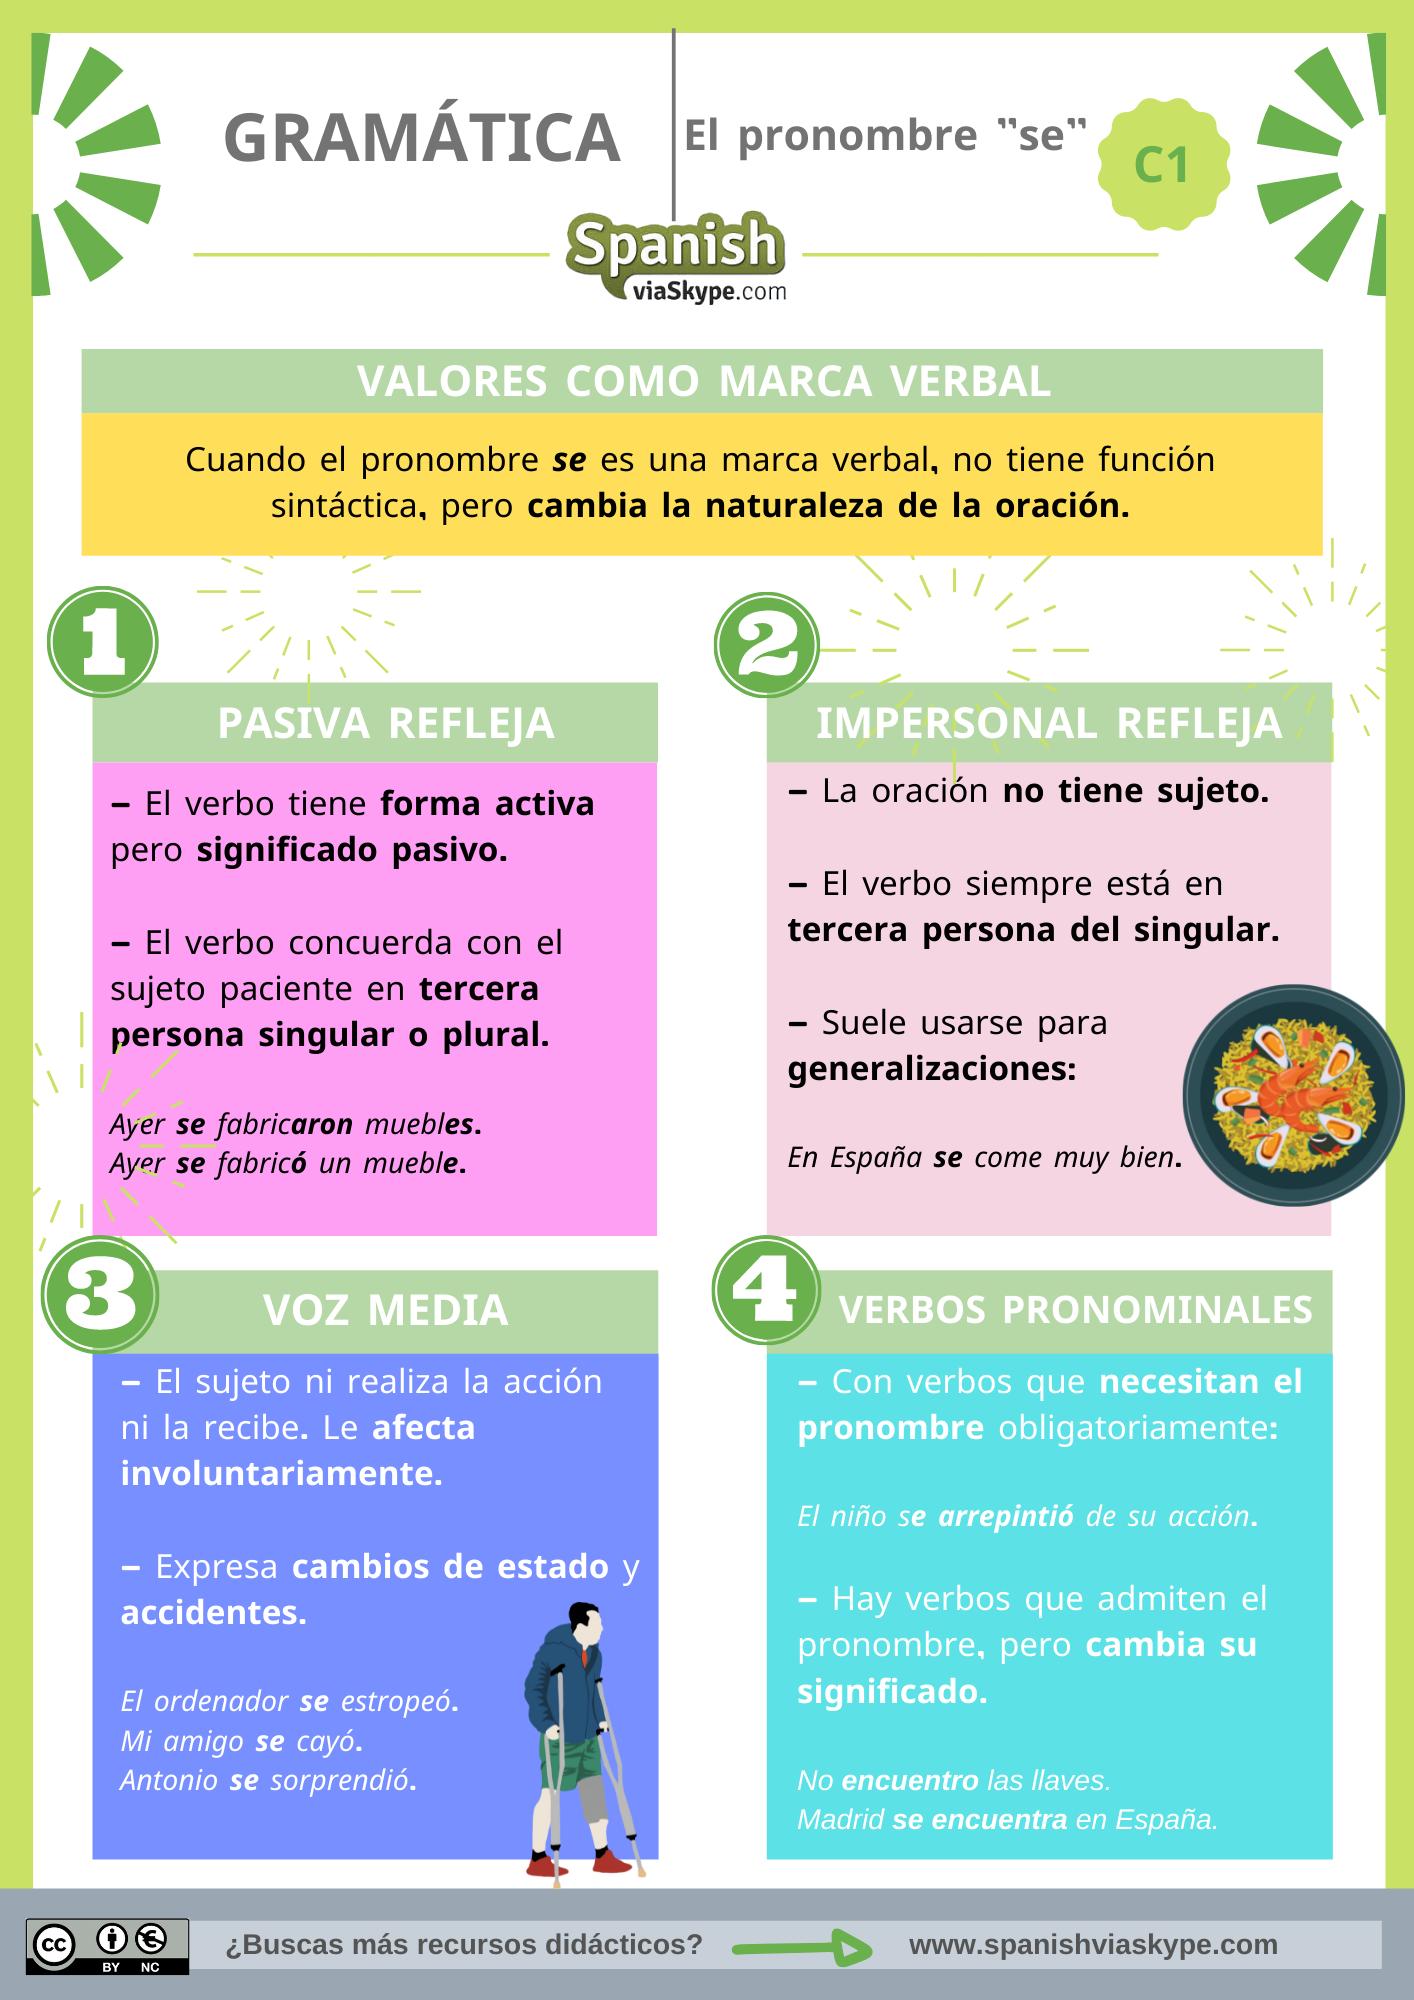 Infografía sobre los usos del pronombre se como marca verbal en español